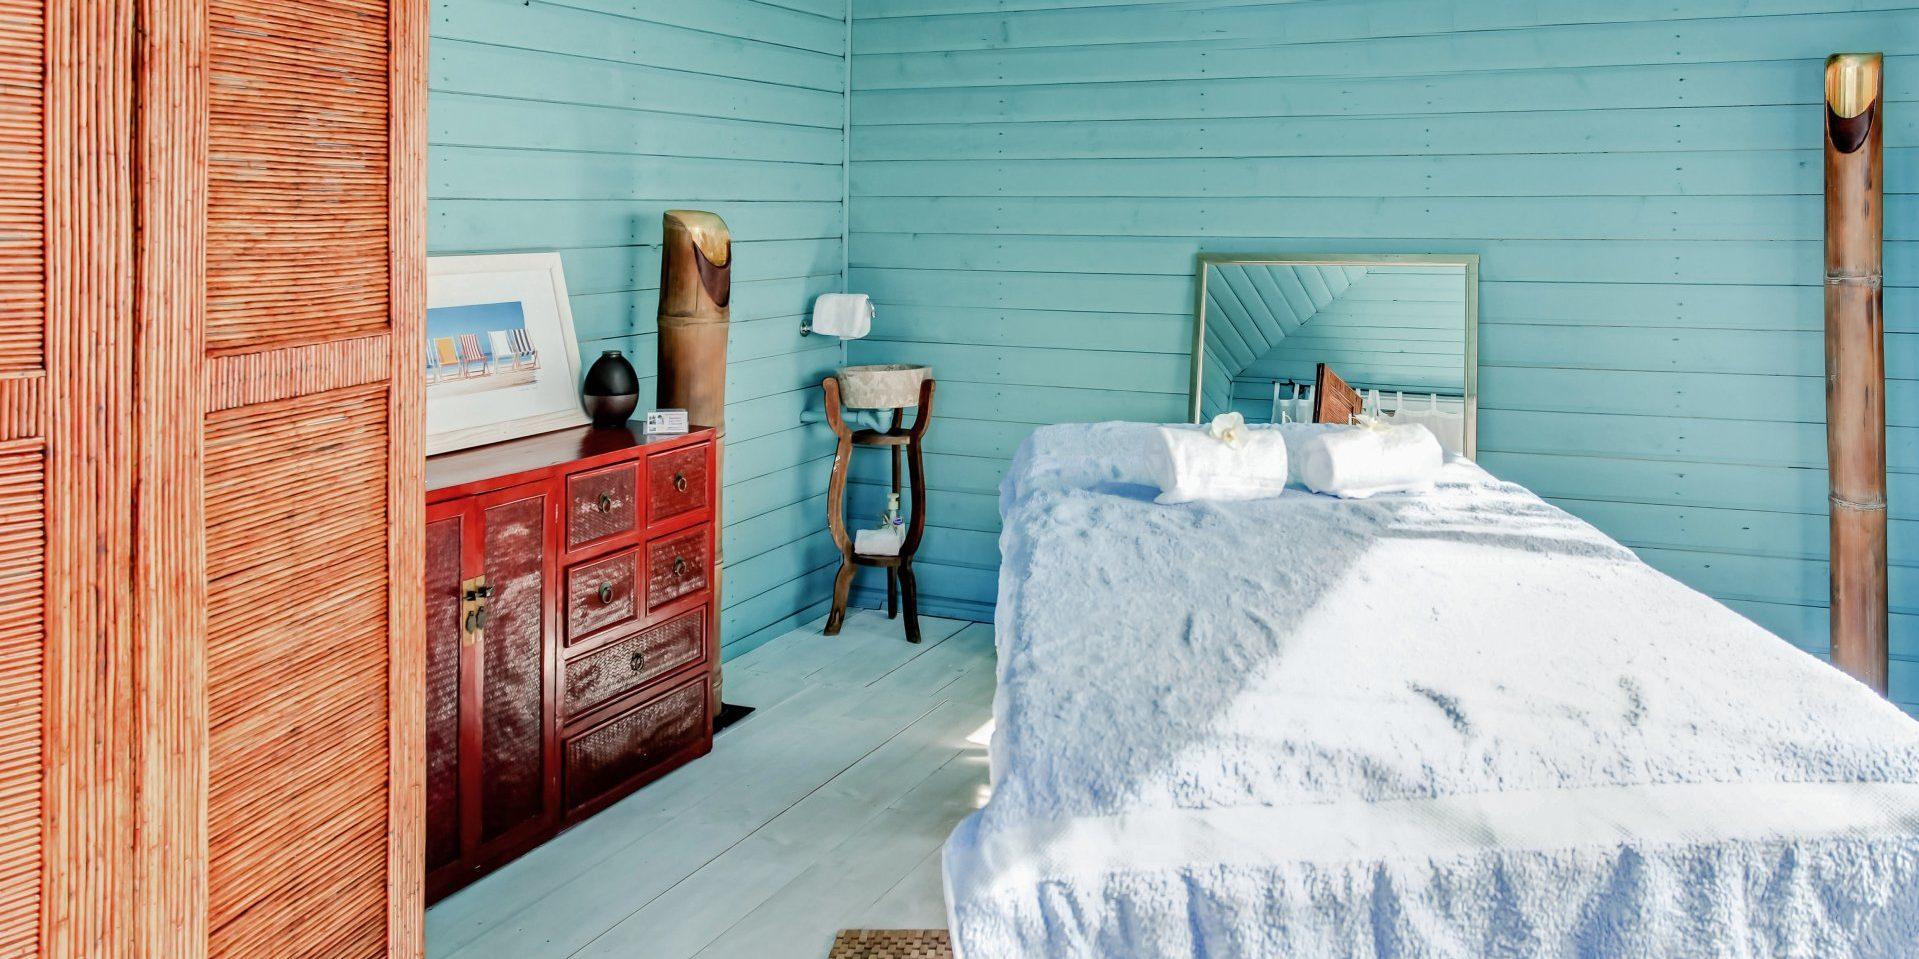 Hotel Le Roc E Fiori Porto-Vecchio Bocca del'Oro Corsica Frankrijk wellness masagetafel zen